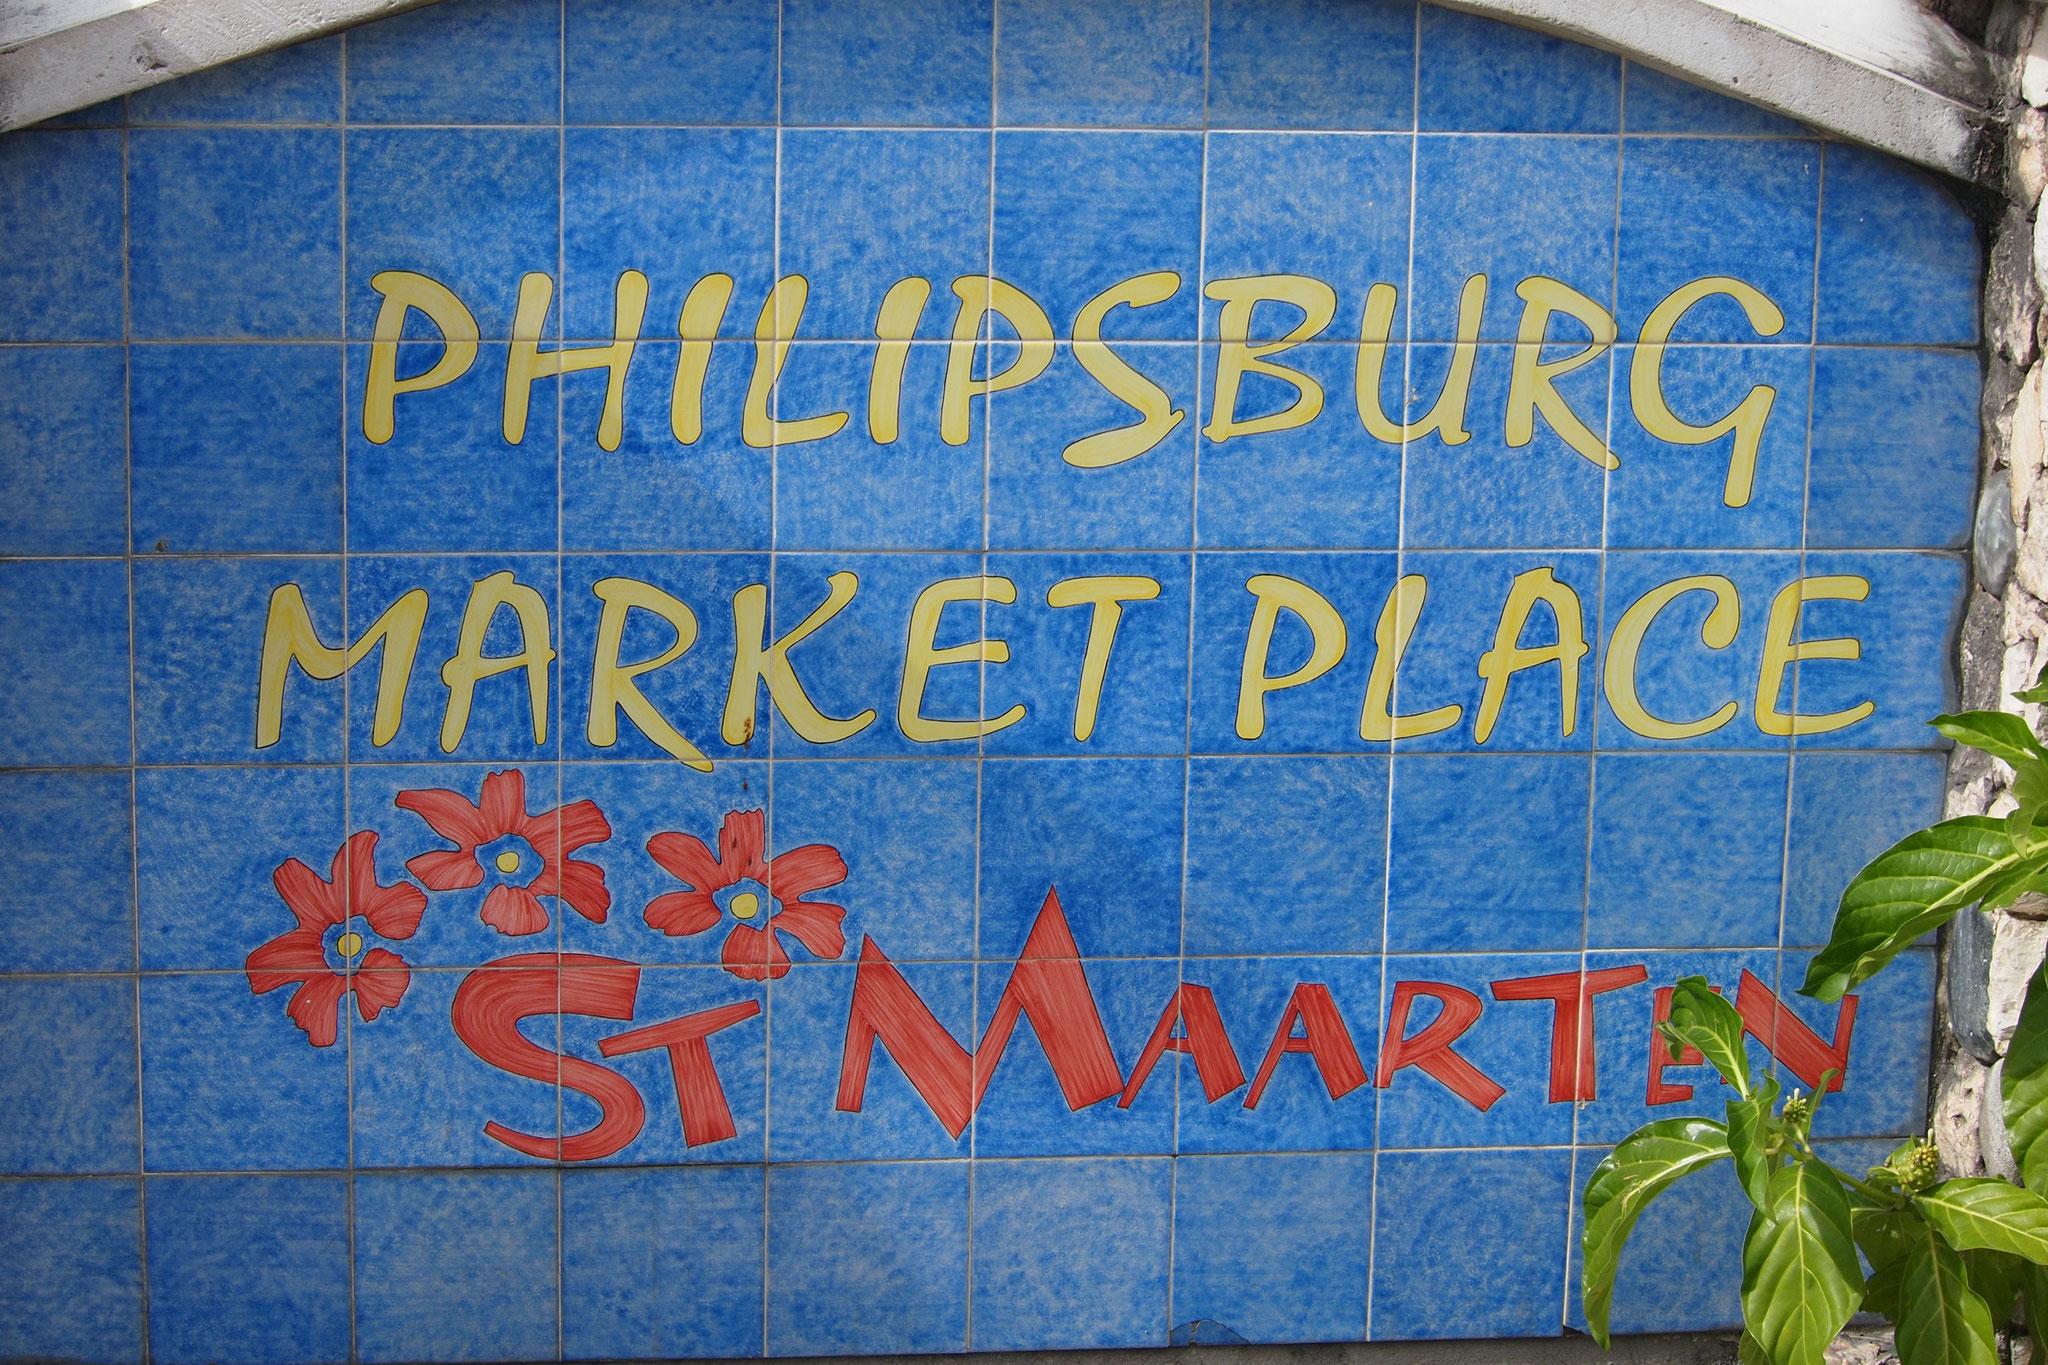 Le Marché de Philipsburg